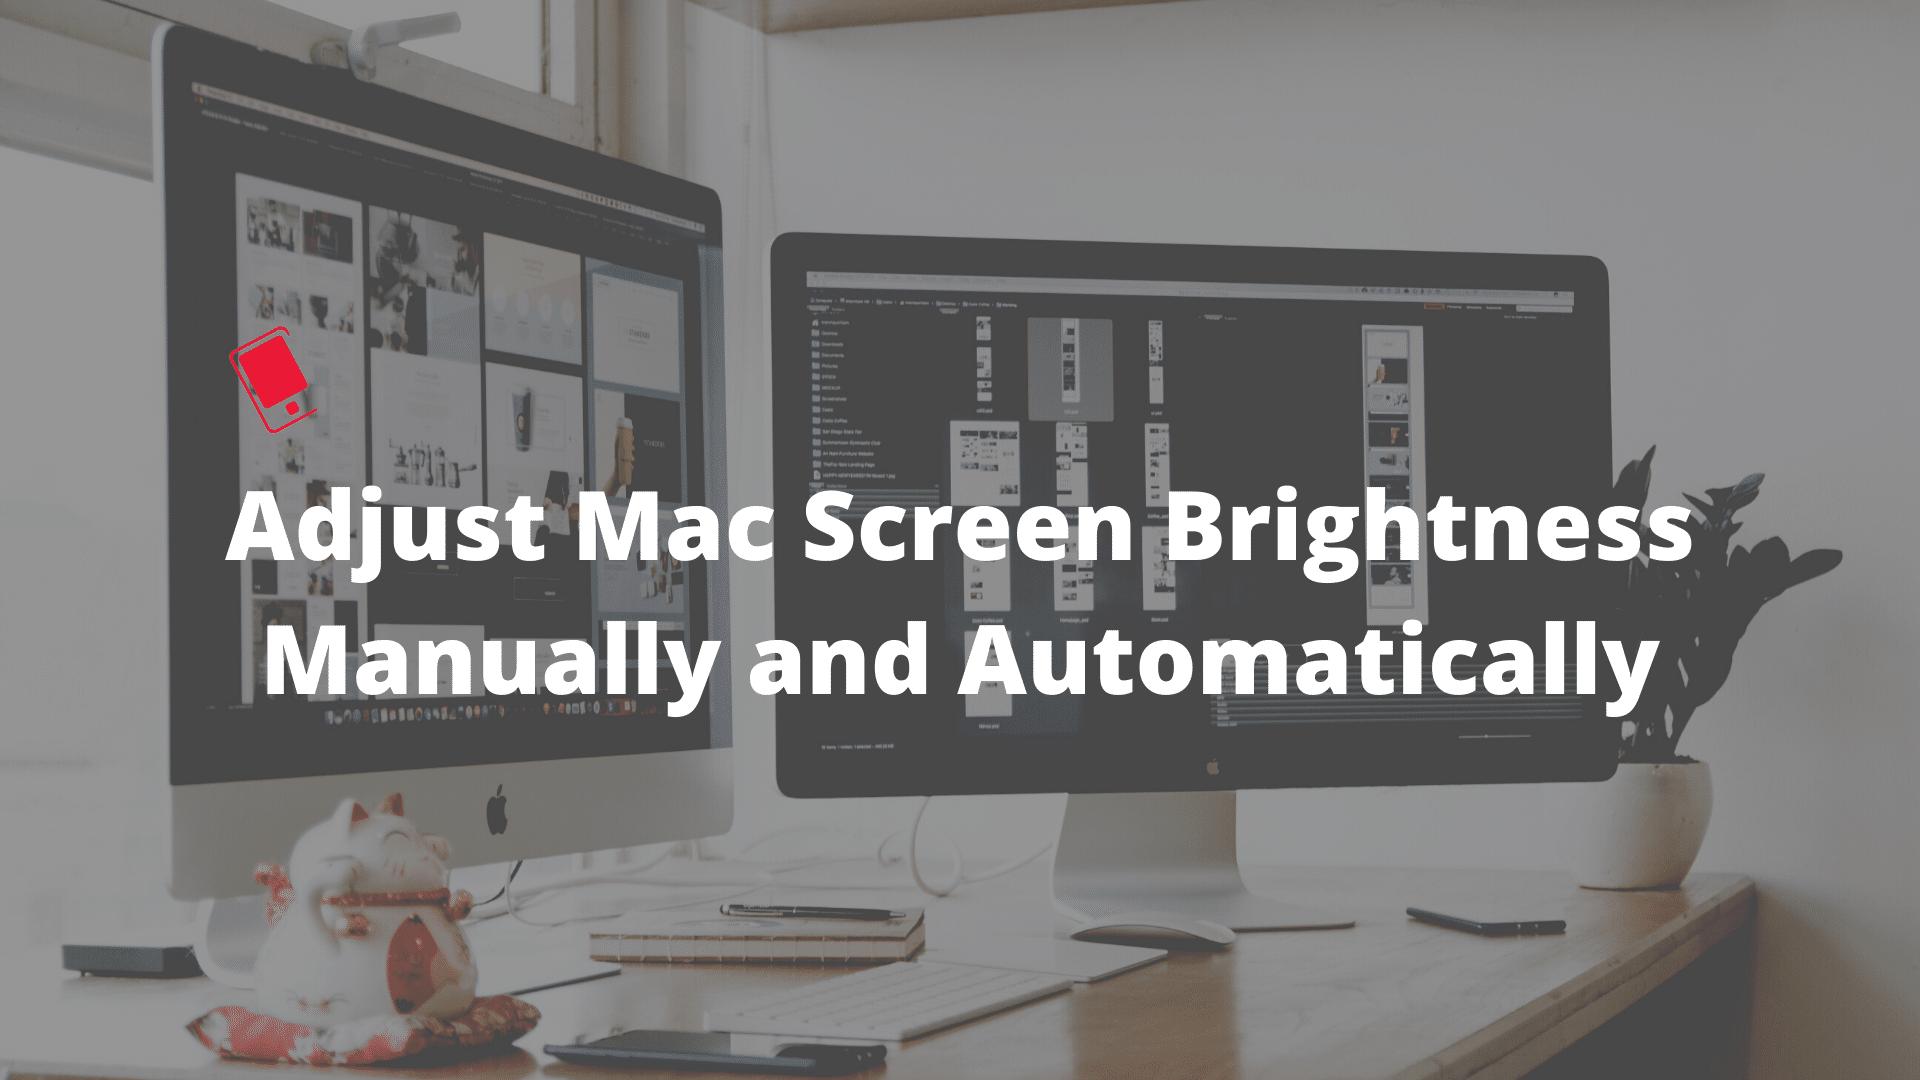 Яркость экрана Mac, ручная и автоматическая настройка